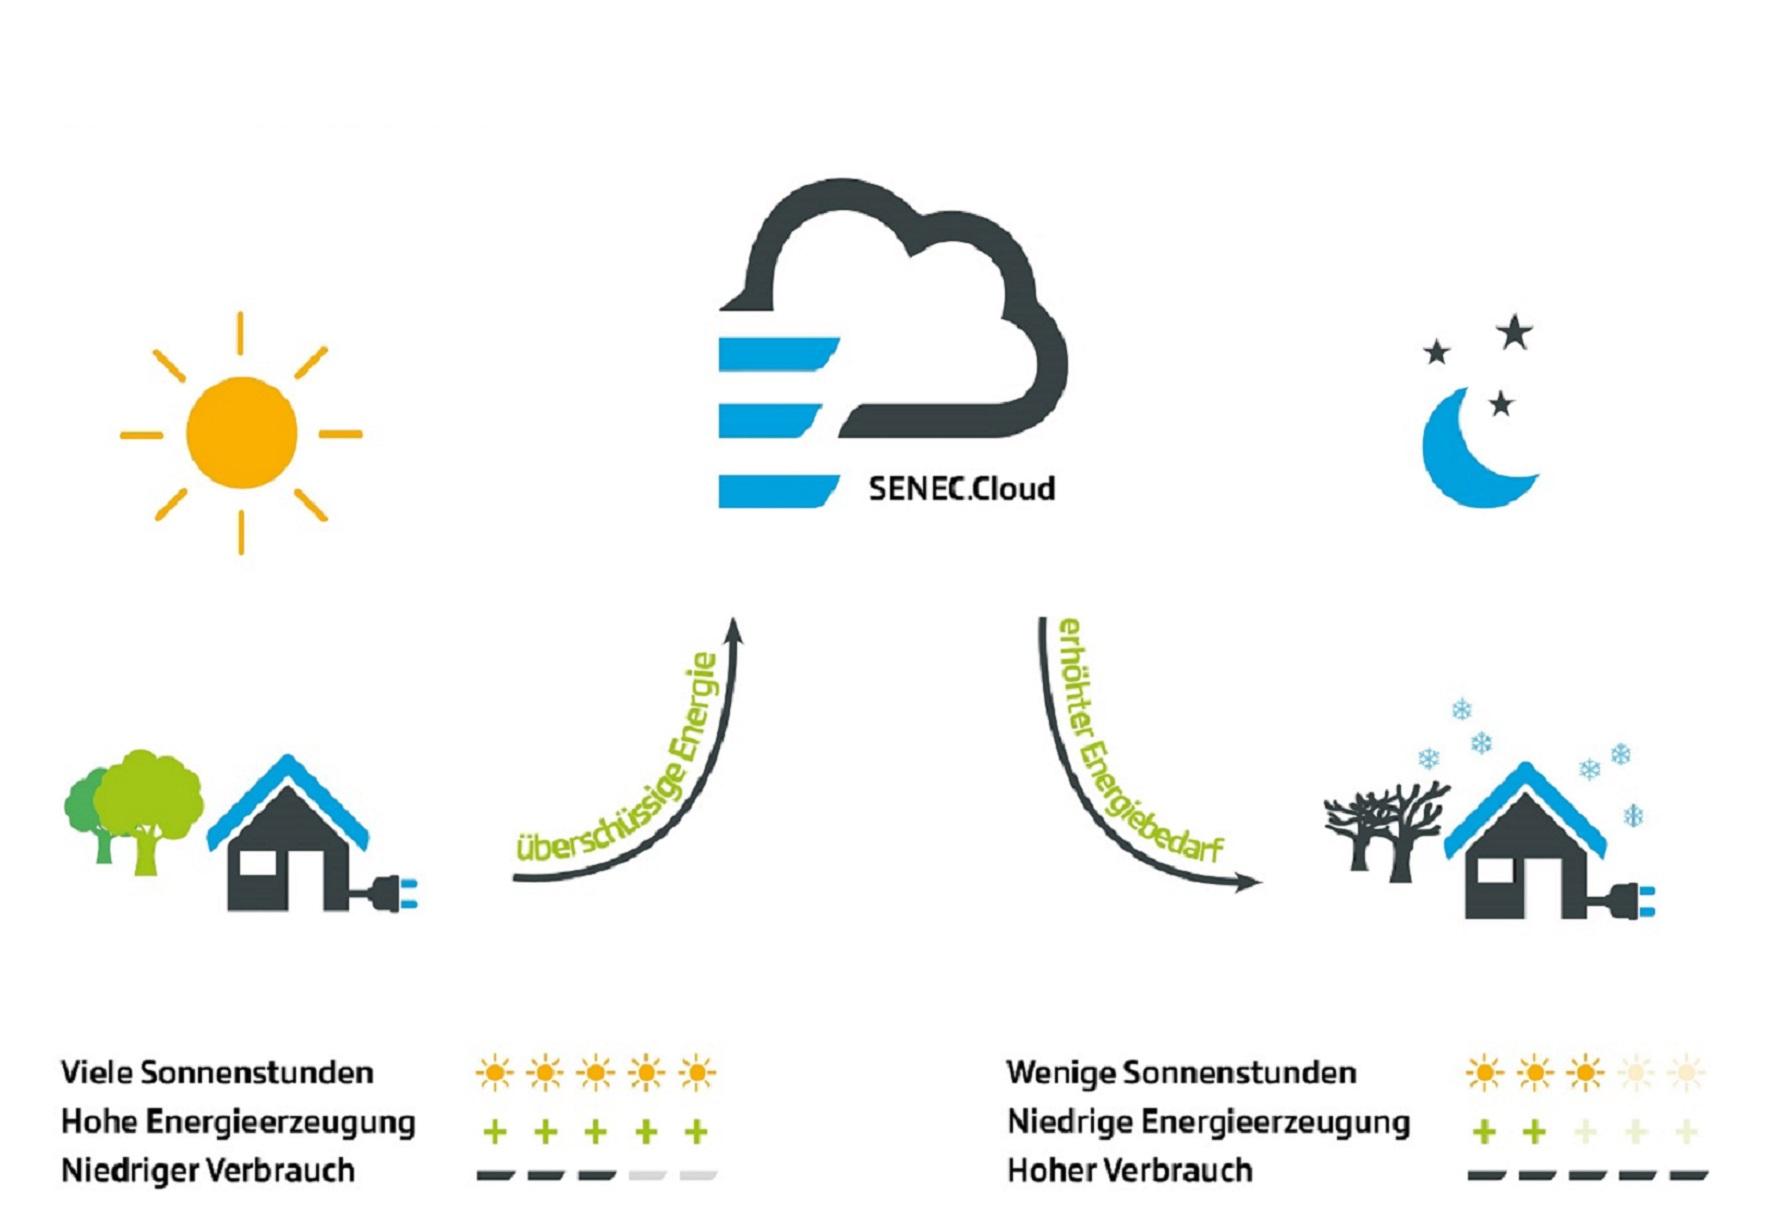 SENEC.Cloud